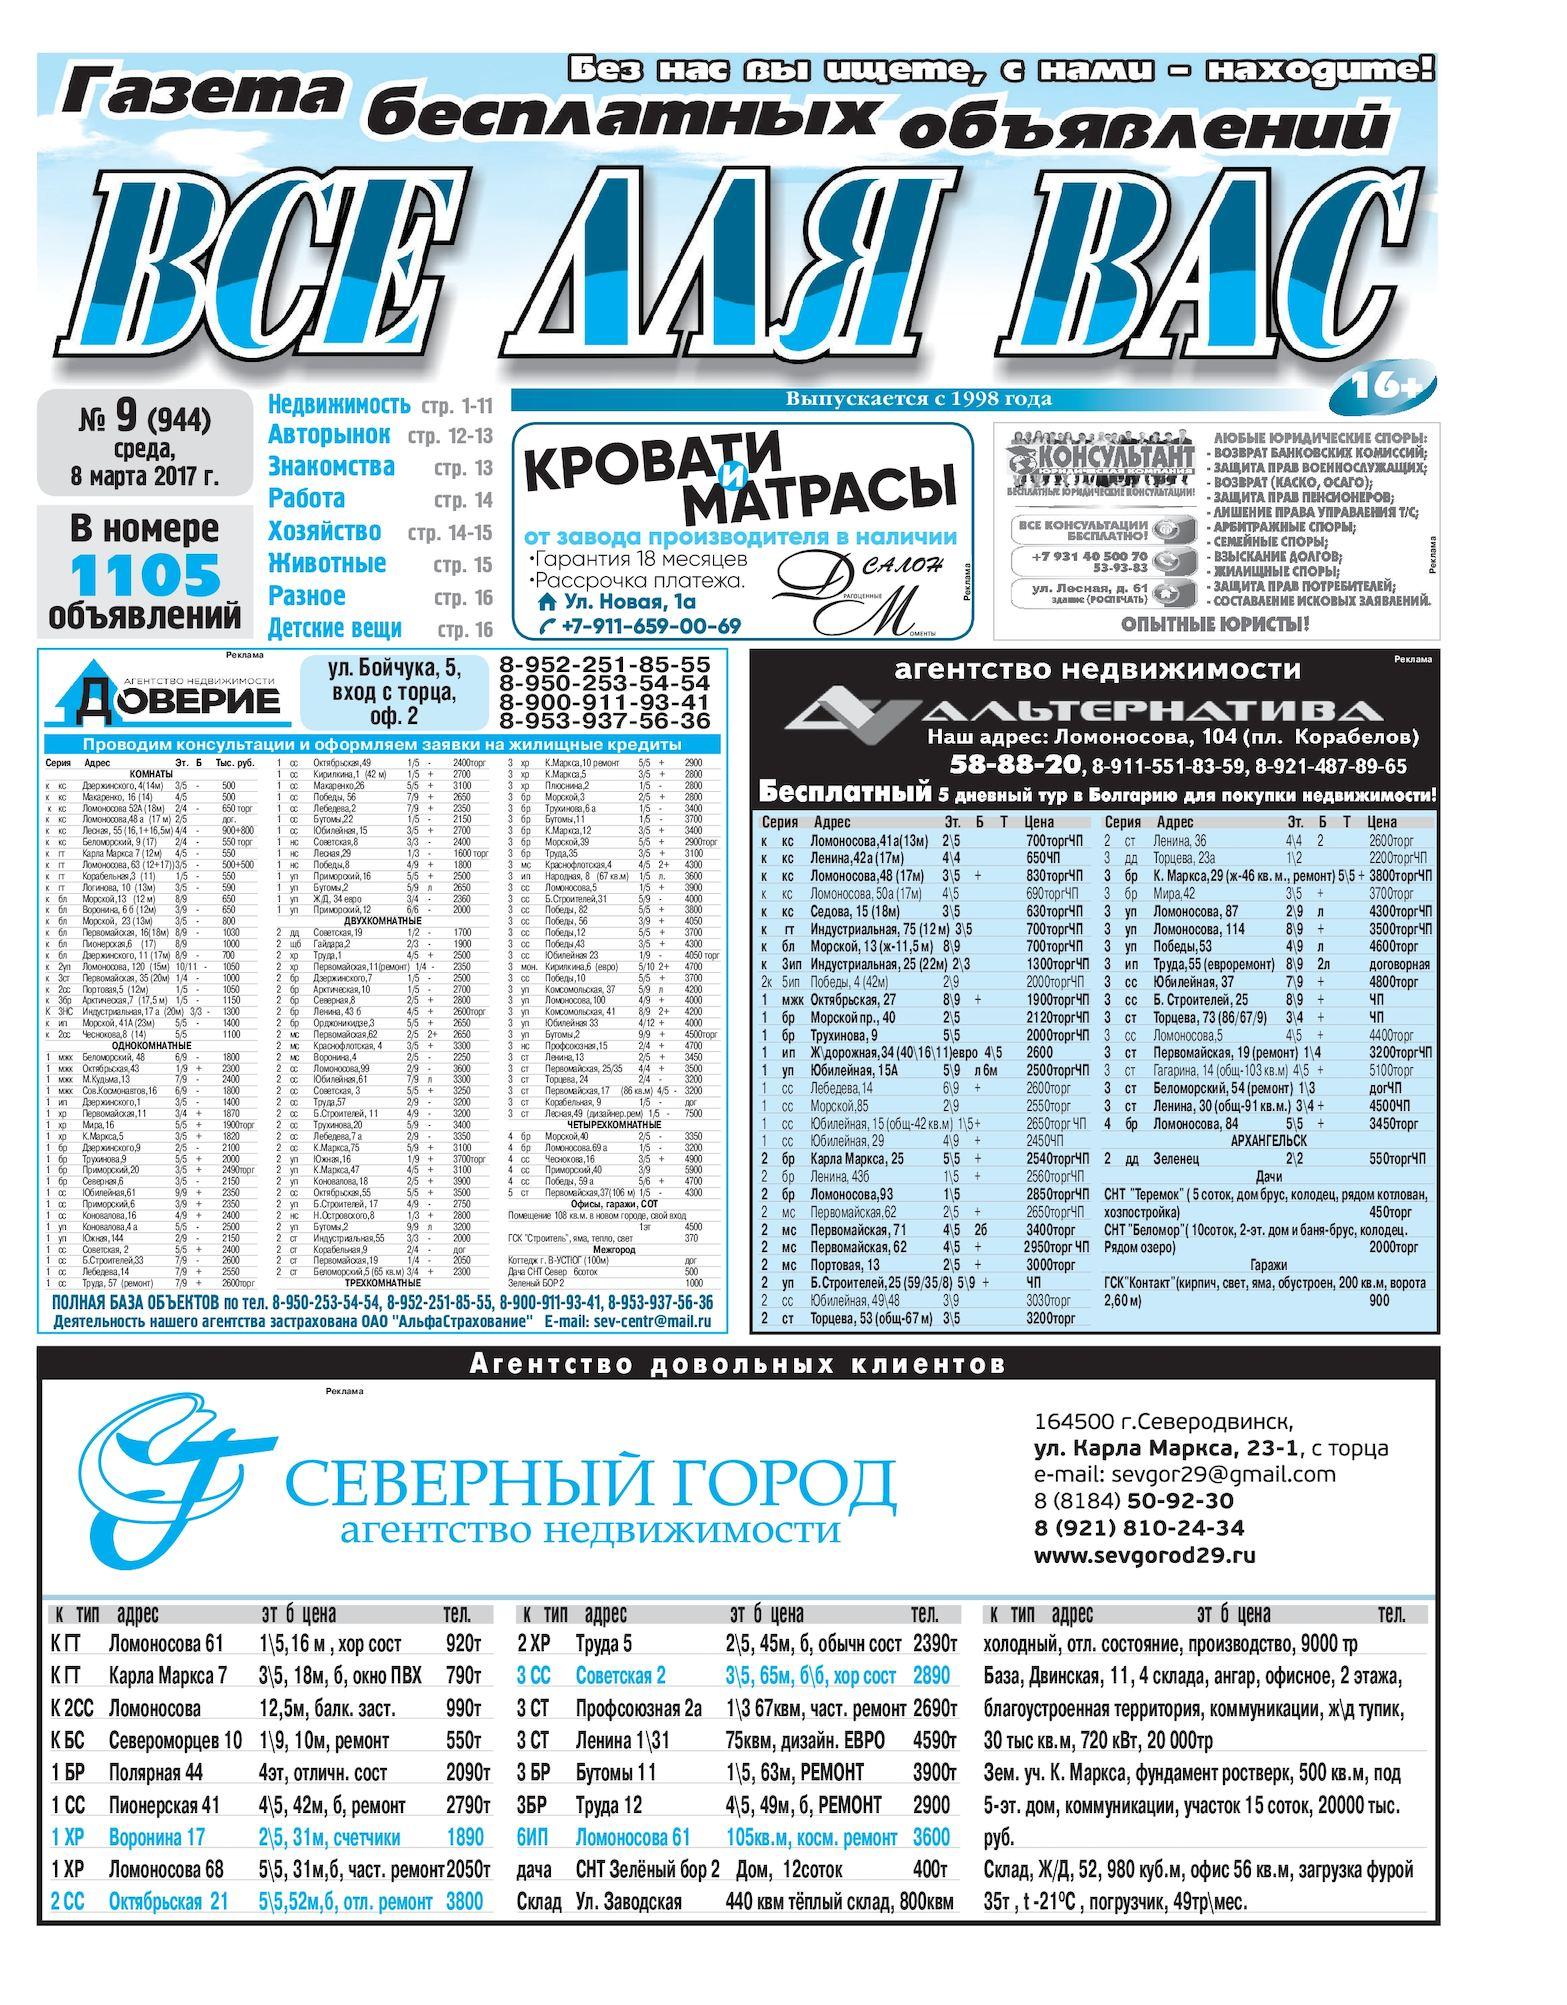 Бесплатные частные объявления для интимных встреч в городе елец вся недвижимость москва дать объявление